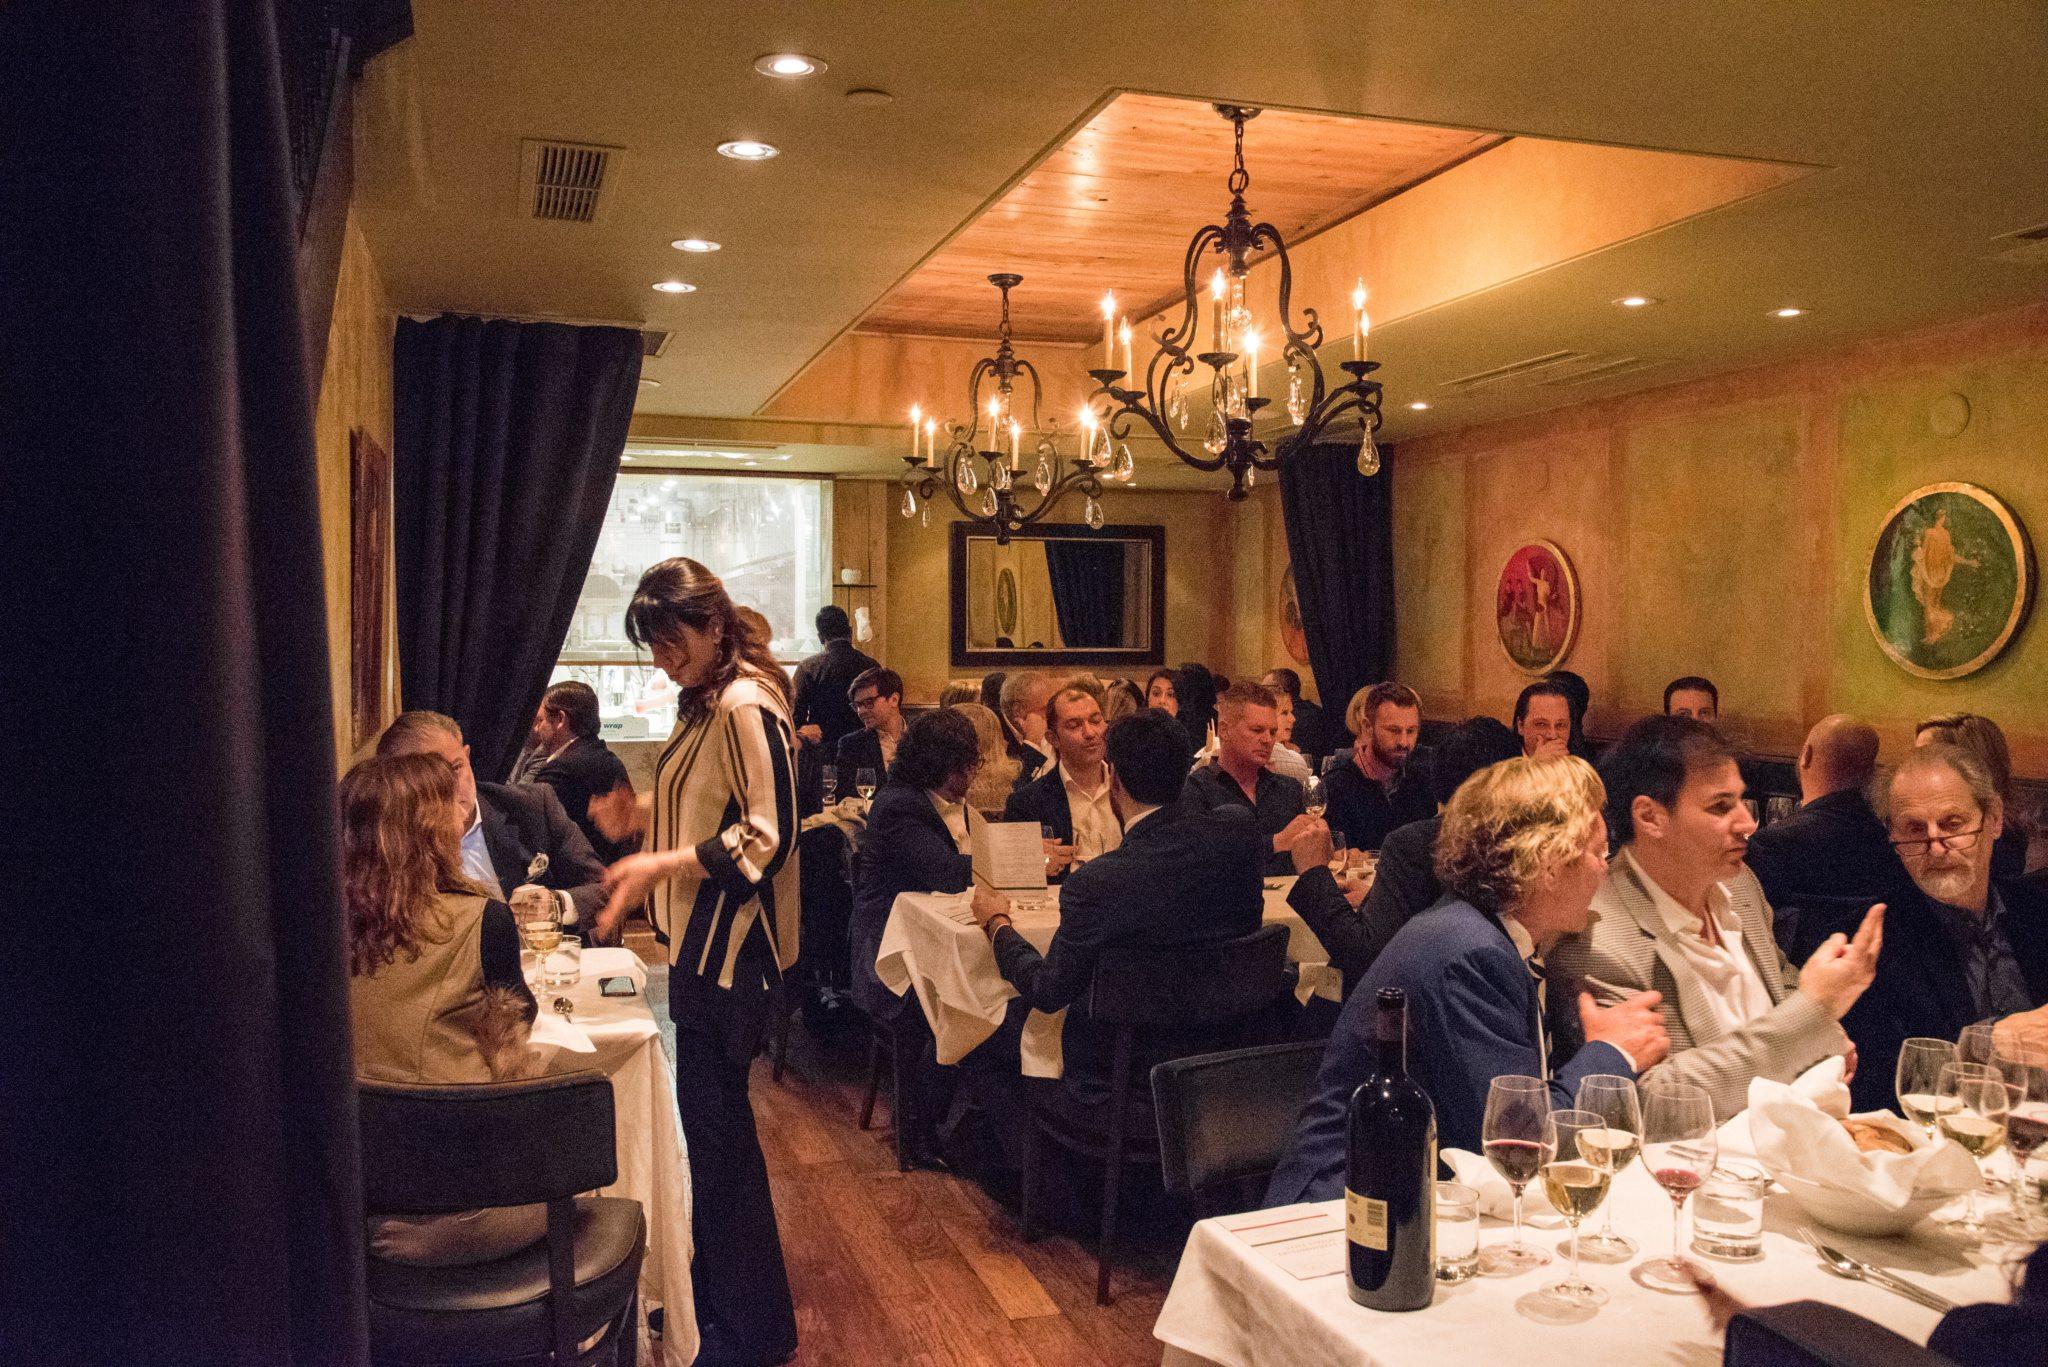 toronto-restaurants-events-sotto-sotto-italian-nino-di-costanzo-room